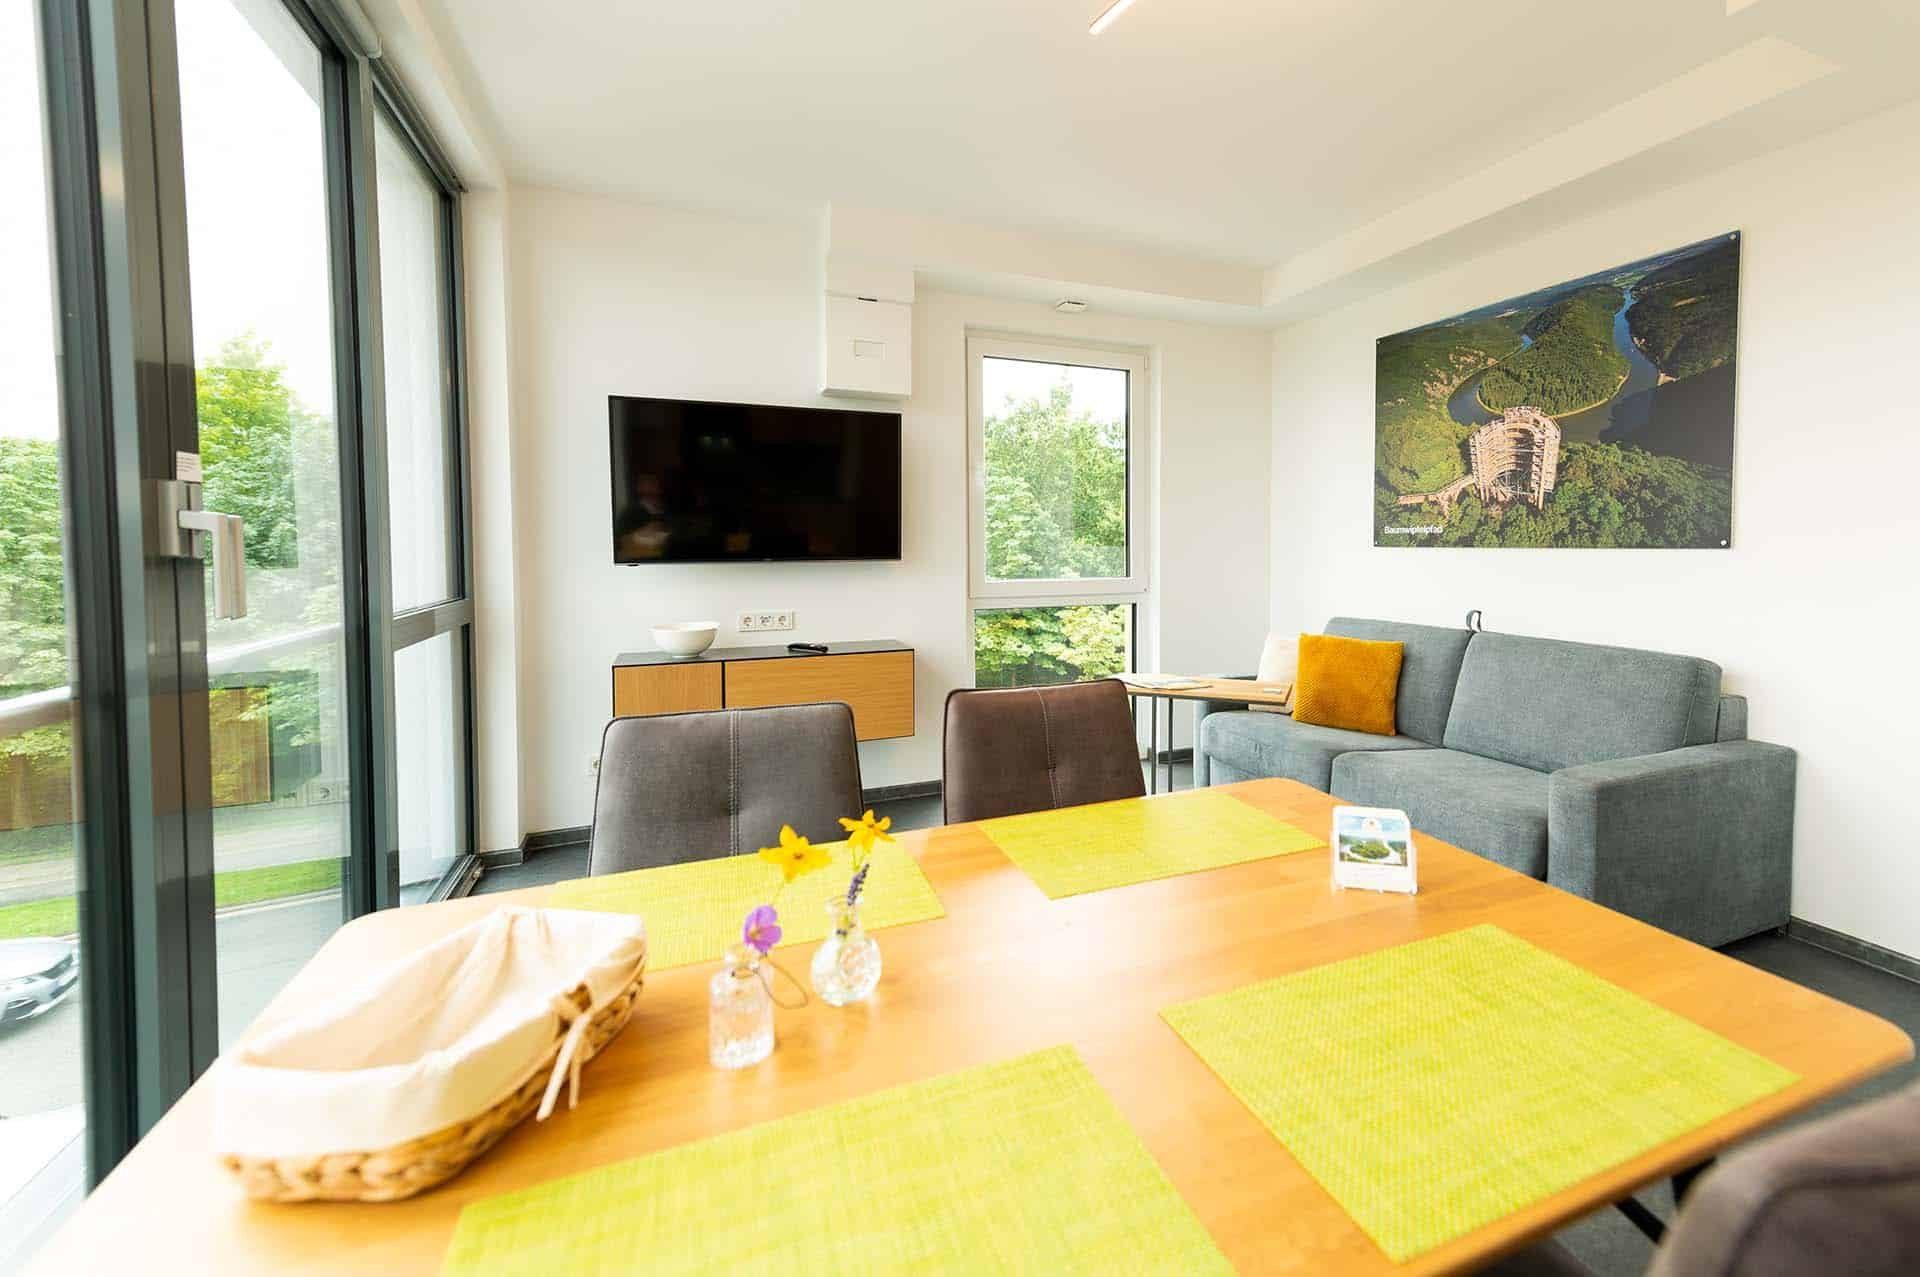 appartement-baumwipfelpfad-saarschleife-wohnbereich